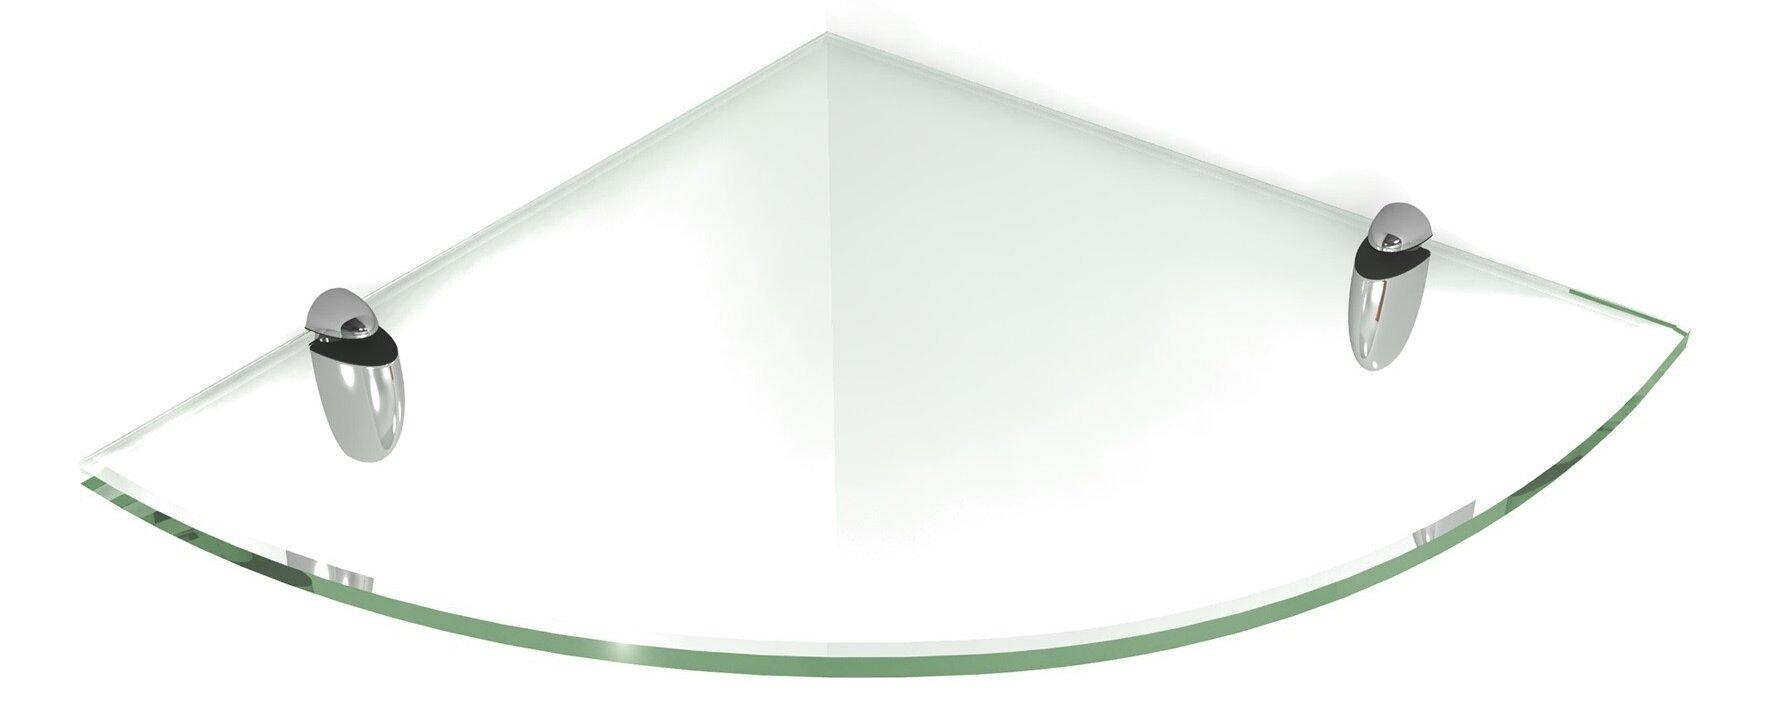 Floating Glass Shelf With Chrome Brackets